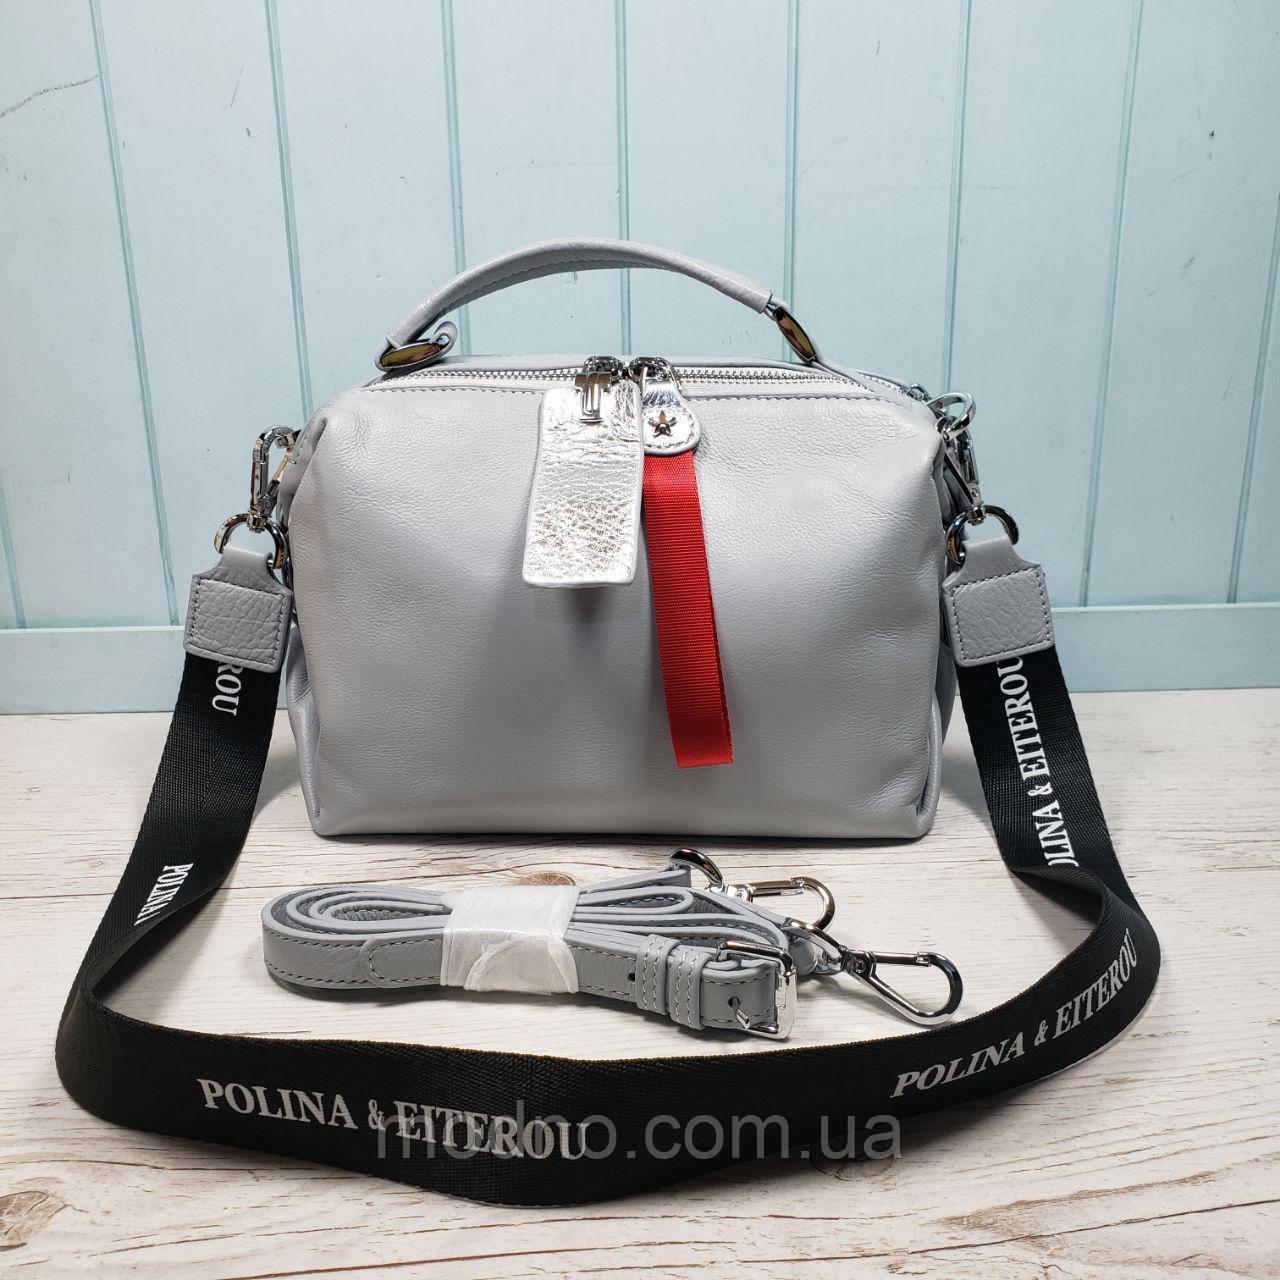 096dd1254 Женская кожаная сумка Polina & Eiterou на 2 отделения - Интернет-магазин